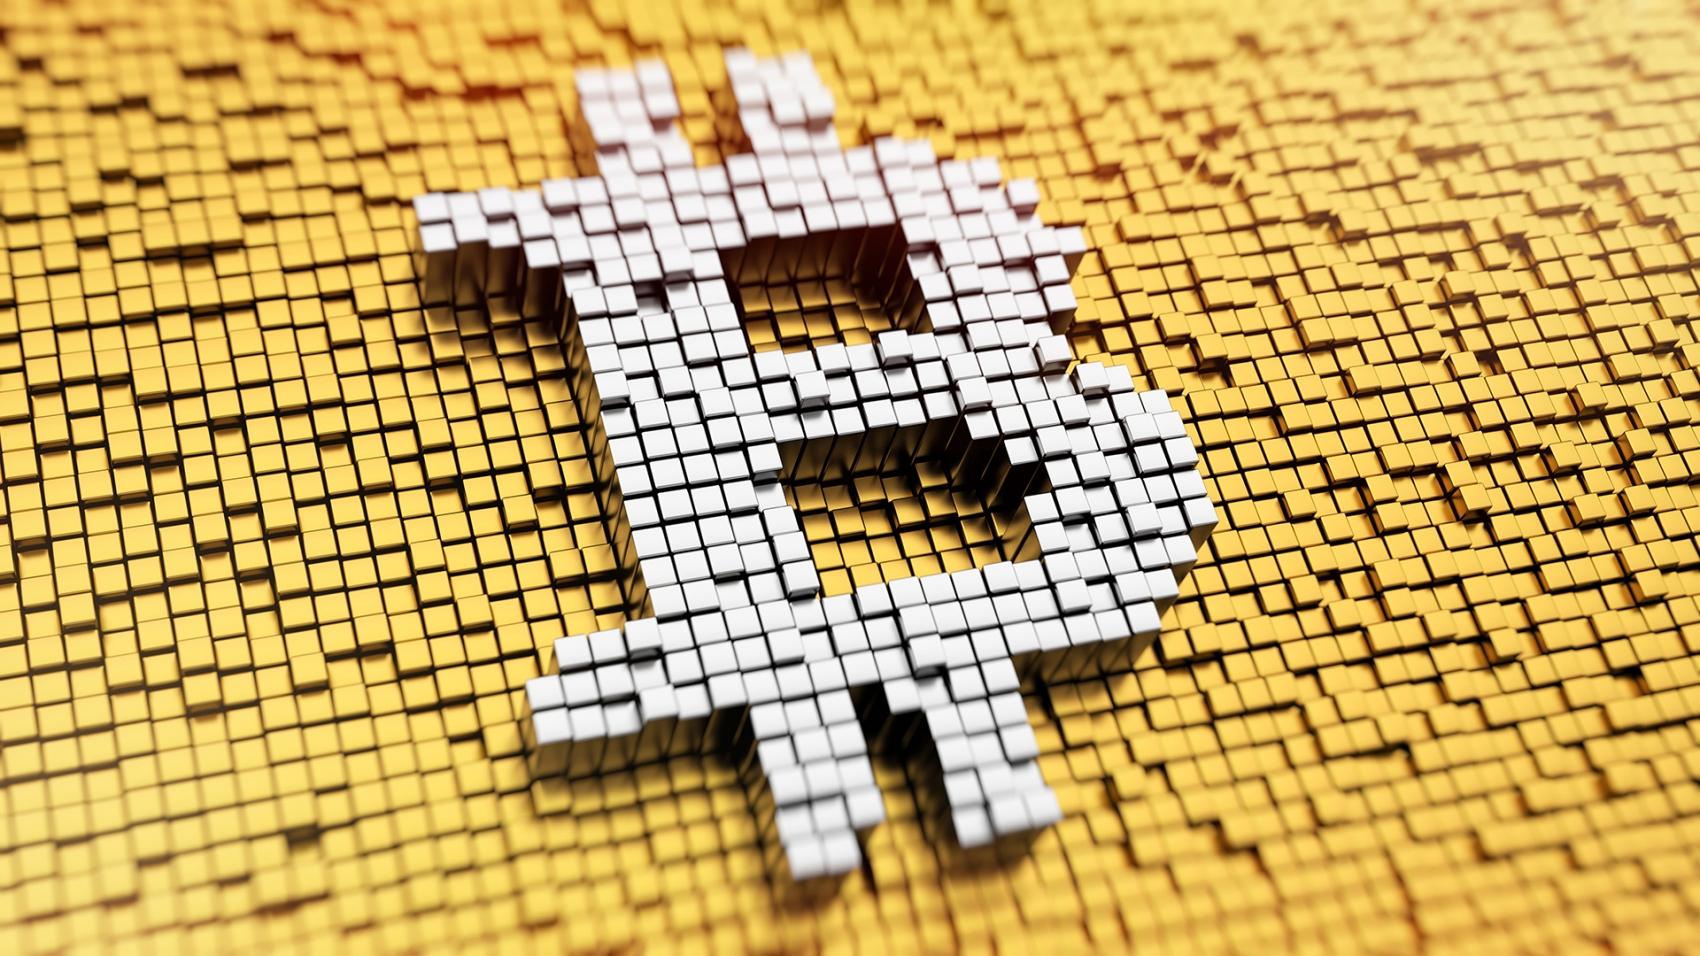 bitcoin-3d-logo-wallpaper-62342-64285-hd-wallpapers